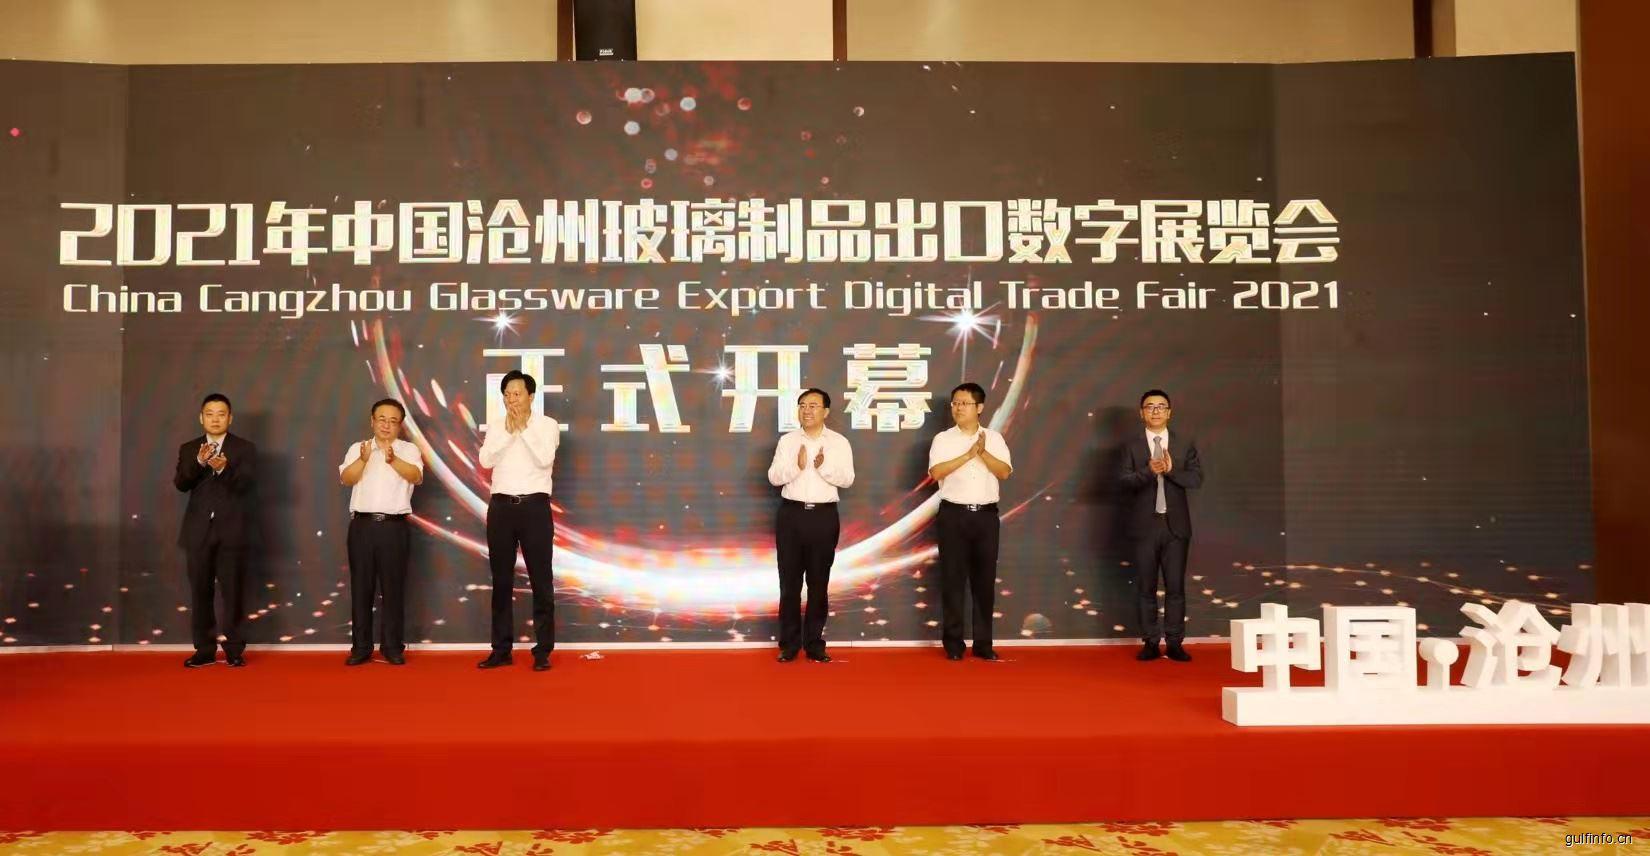 2021年中国沧州玻璃制品出口数字展览会开幕